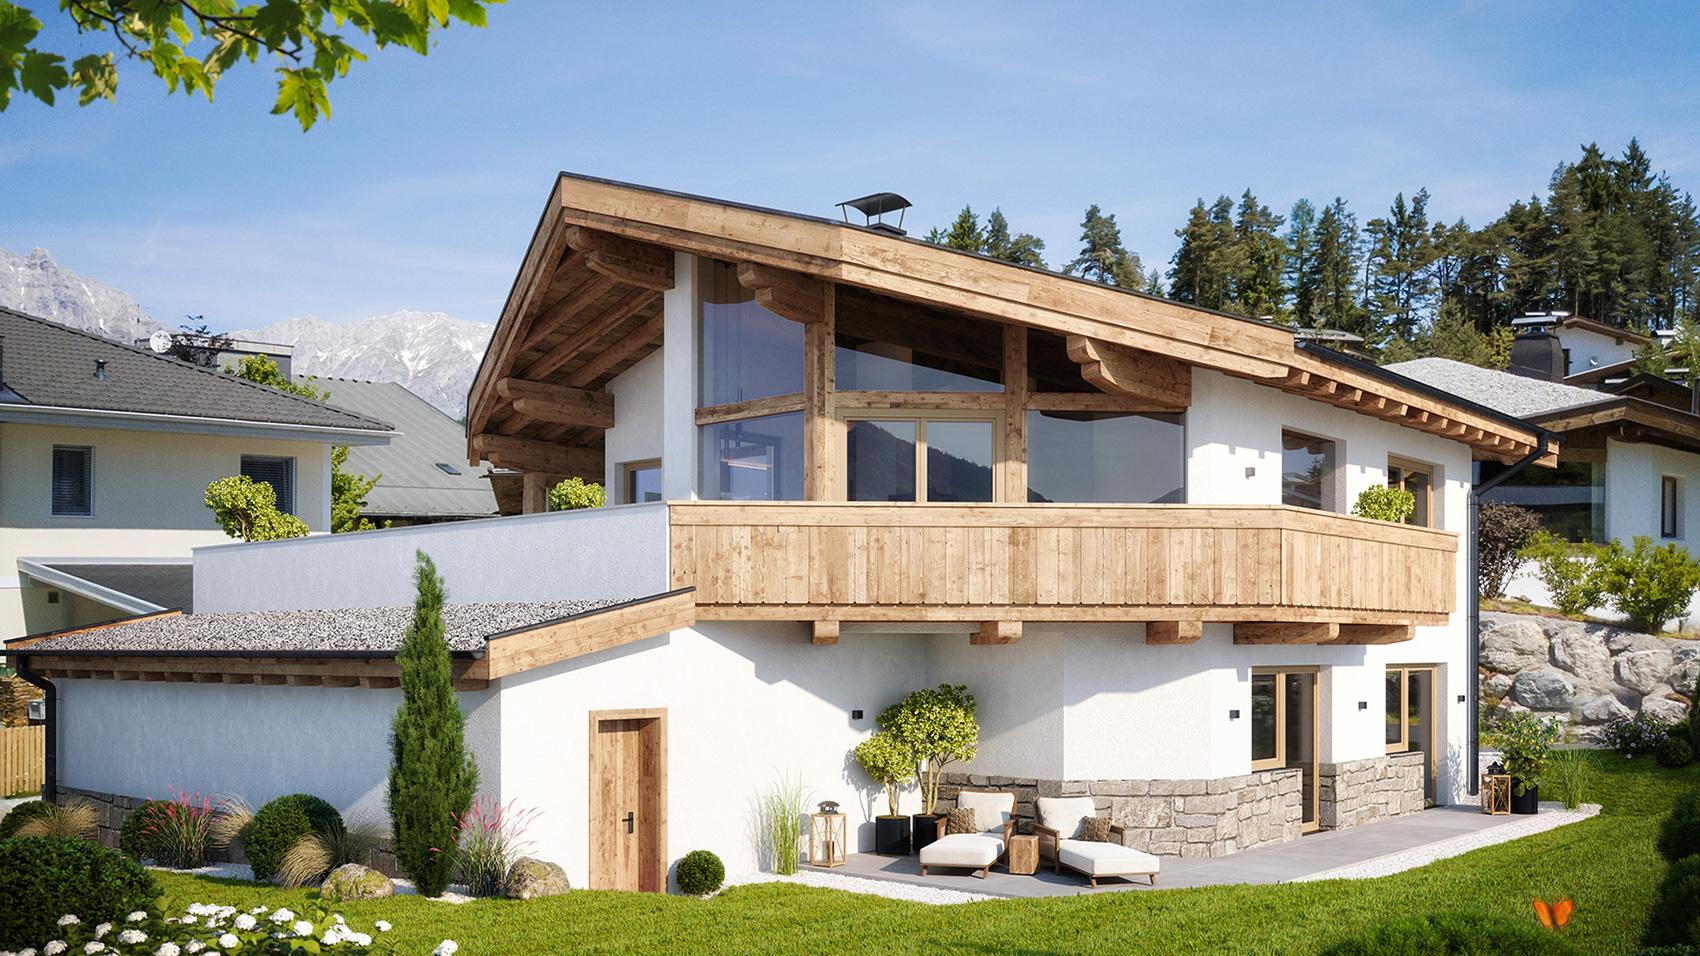 Seefeld Chalet Chalet, Austria